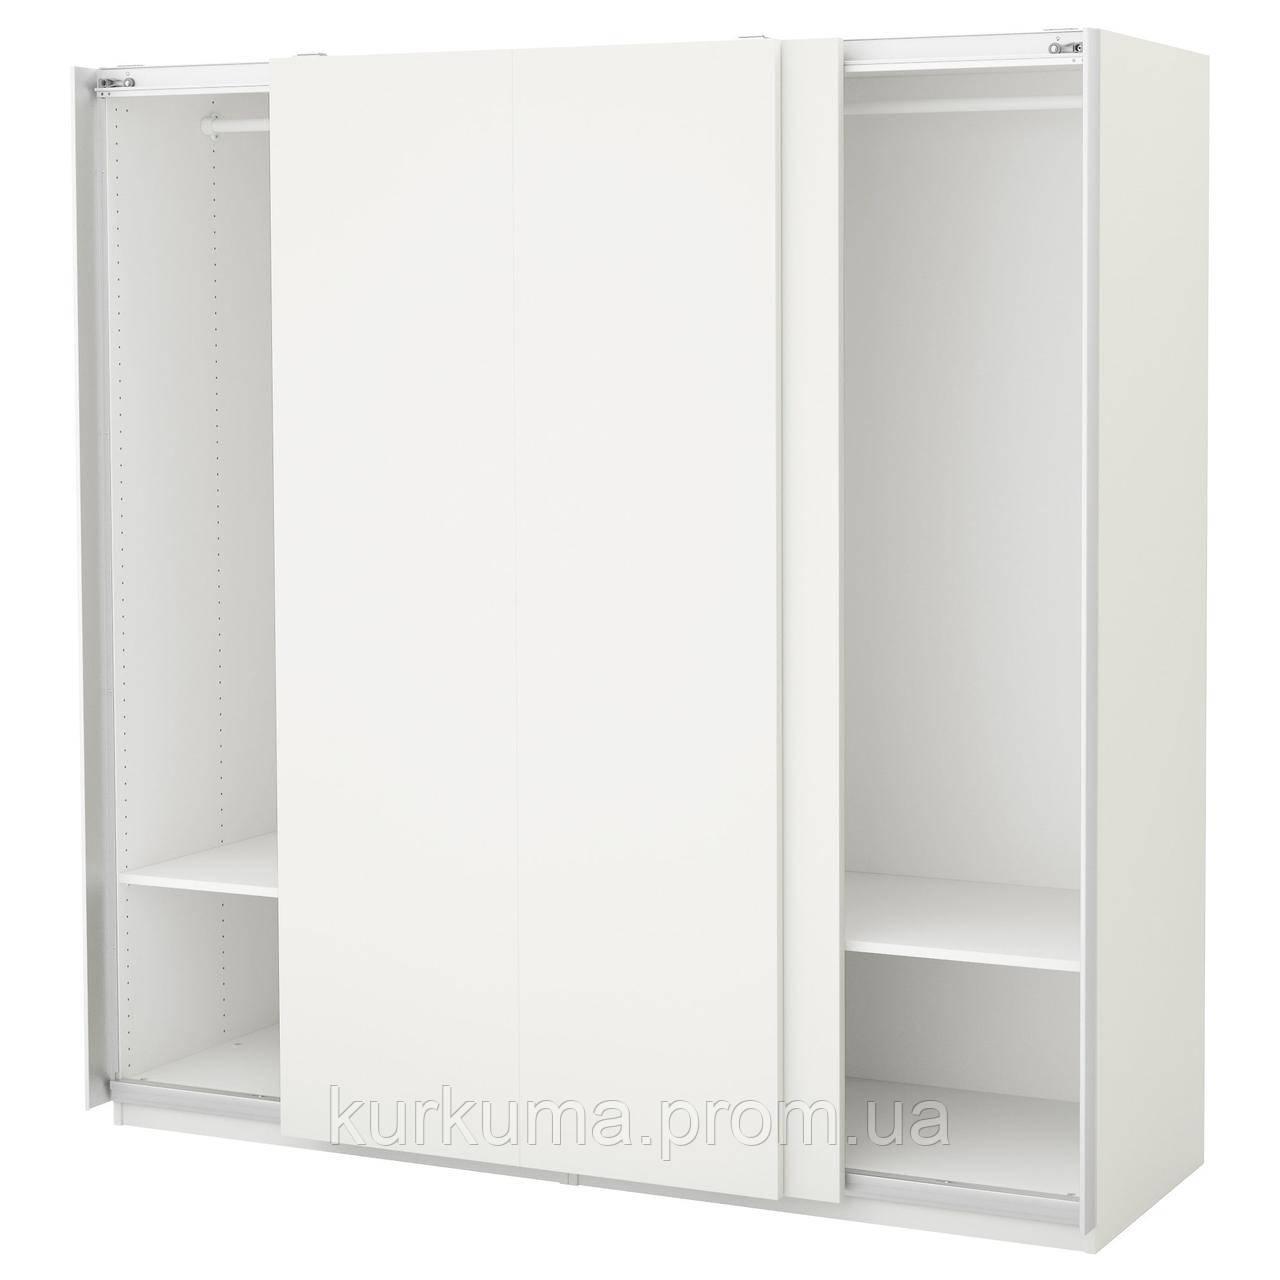 IKEA PAX Шкаф, белый, Хасвик белый  (891.805.97)